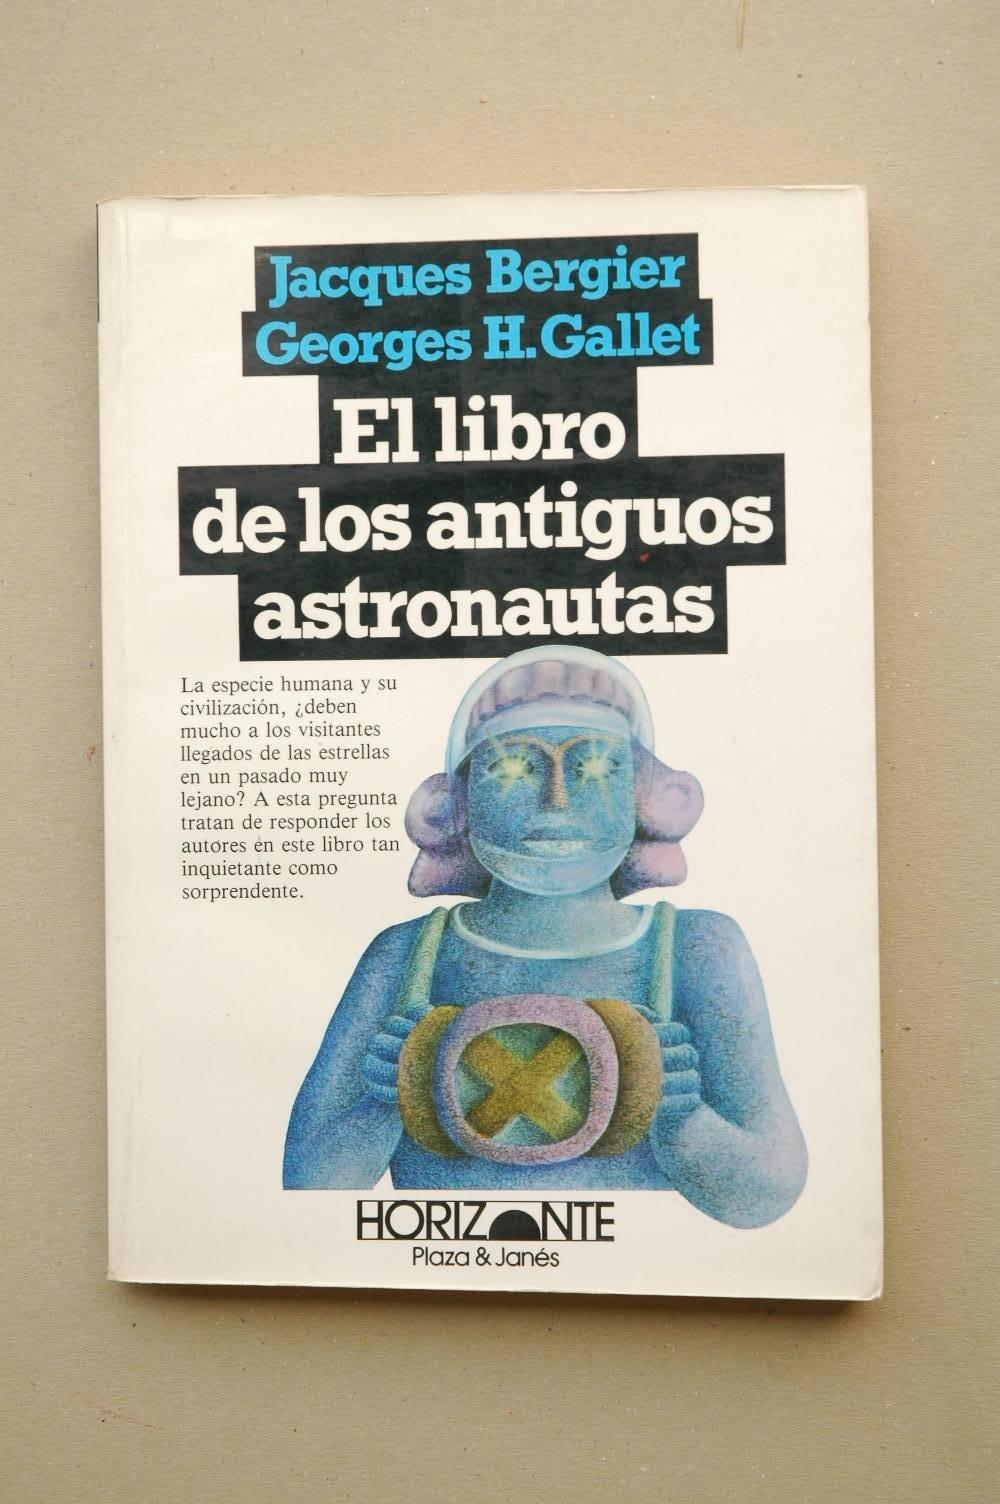 EL LIBRO DE LOS ANTIGUOS ASTRONAUTAS: Amazon.es: Jacques Bergier y Georges H. Gallet: Libros